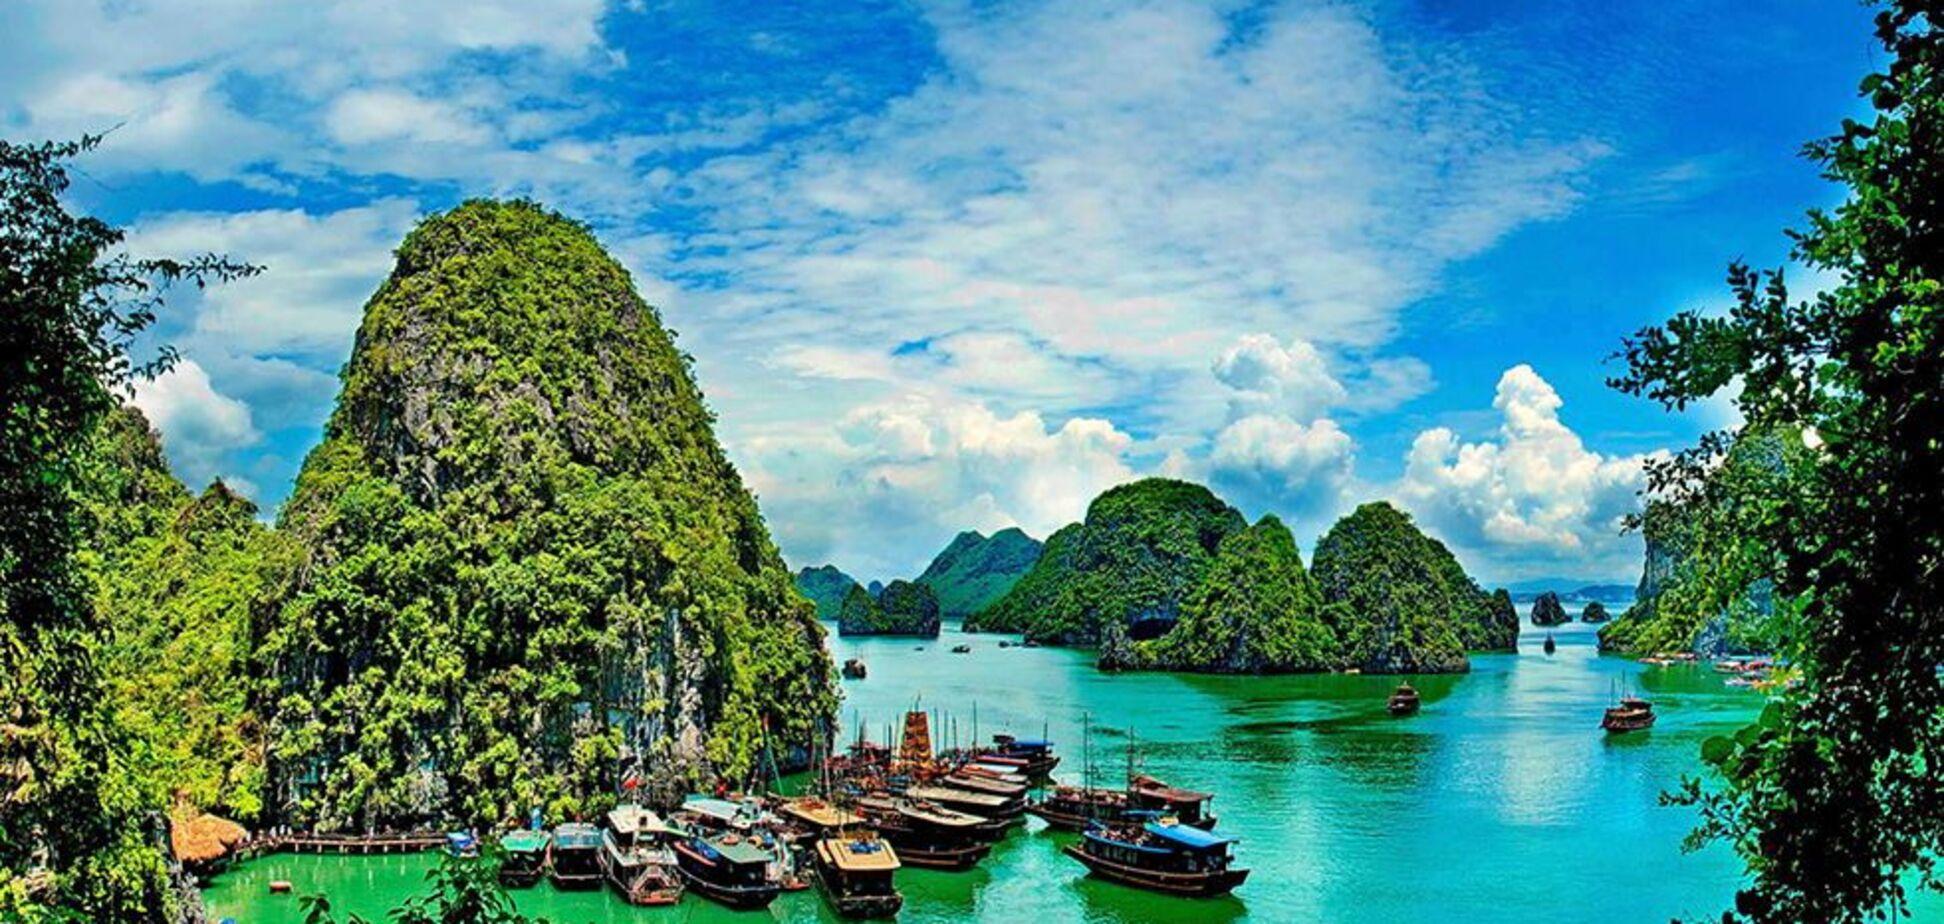 Как круто отдохнуть и не разориться: лайфхак от блогера о поездке в Таиланд